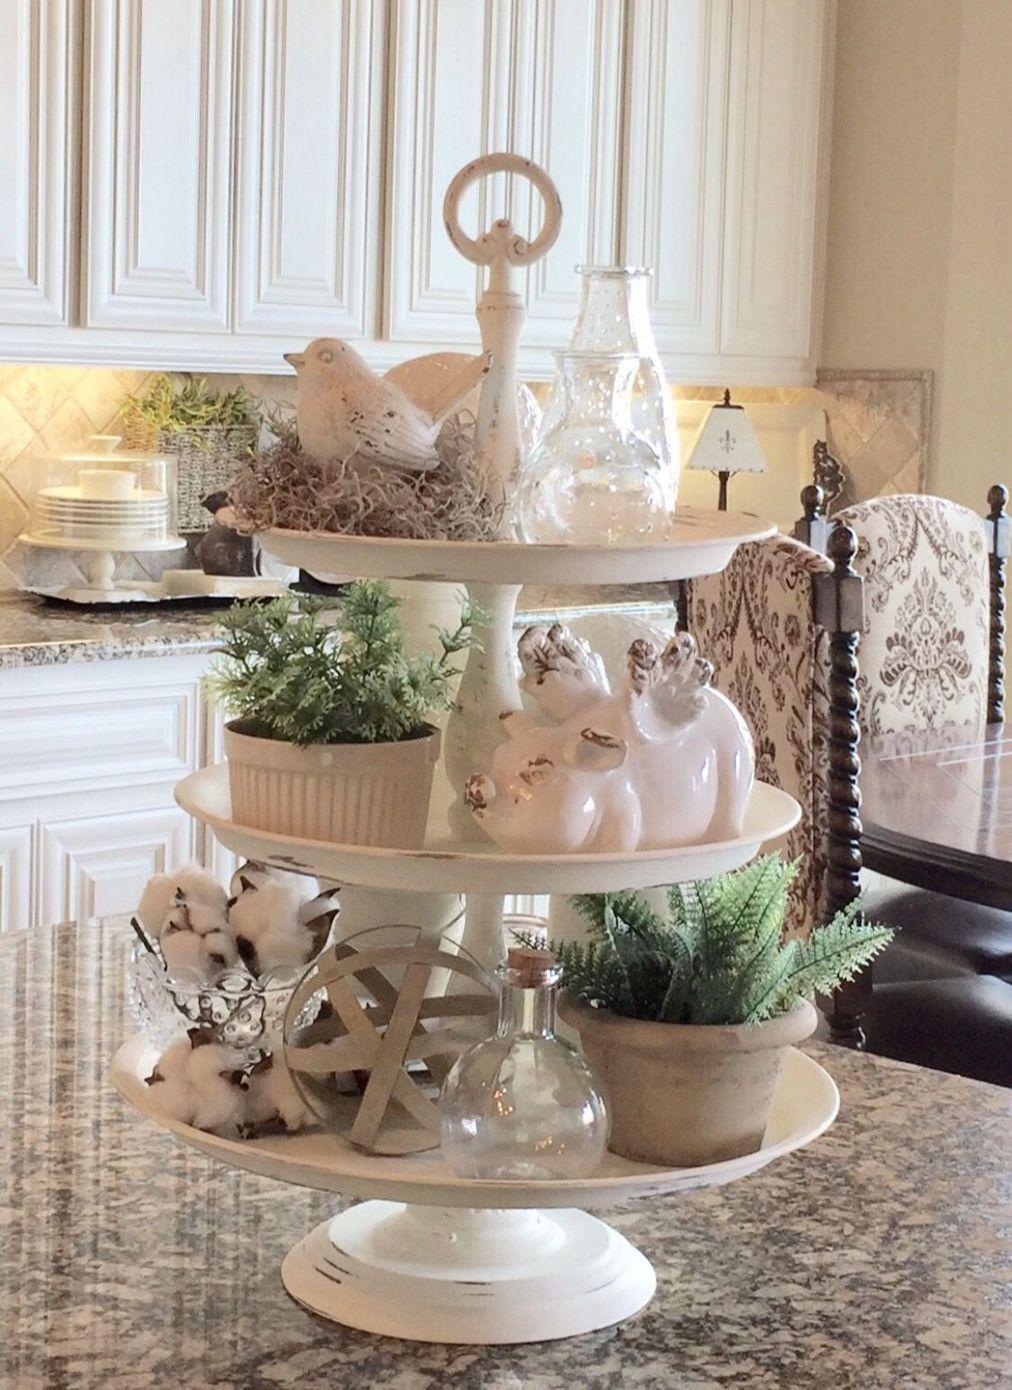 +33 Ideas to Fall tiered tray decor farmhouse Tray decor